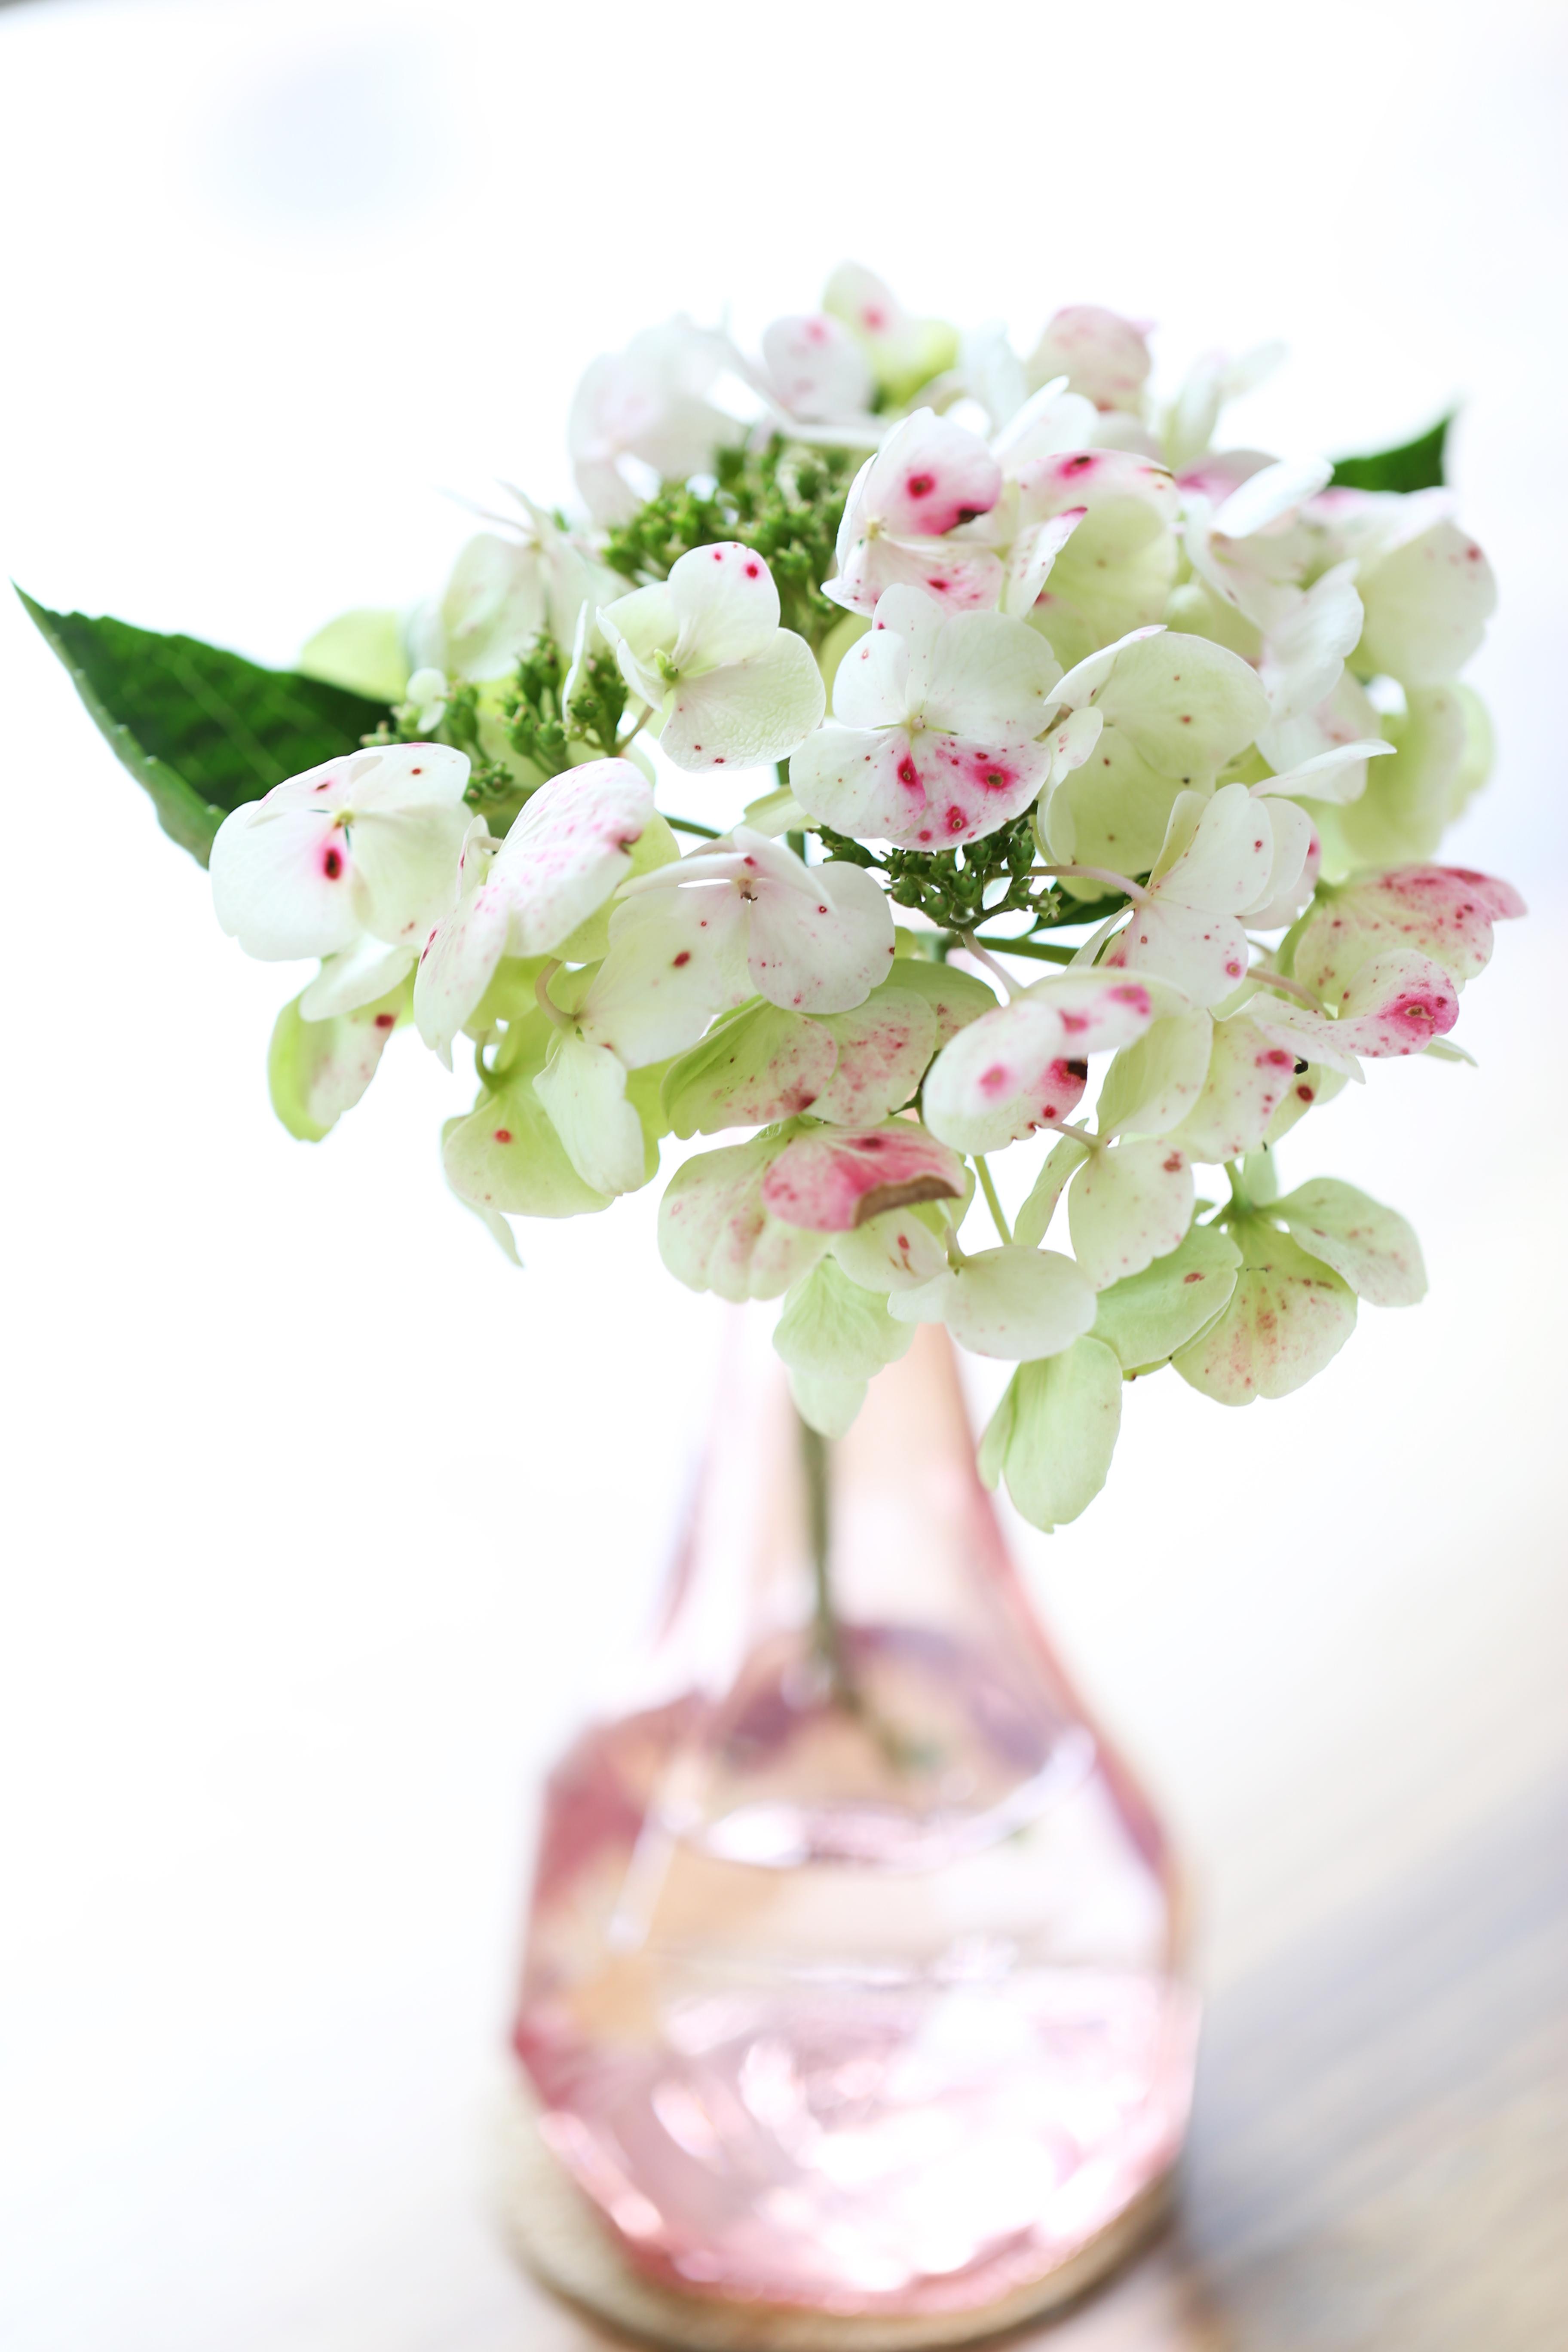 Toute chose est une fleur dont nous devons faire notre miel - delimoon.com